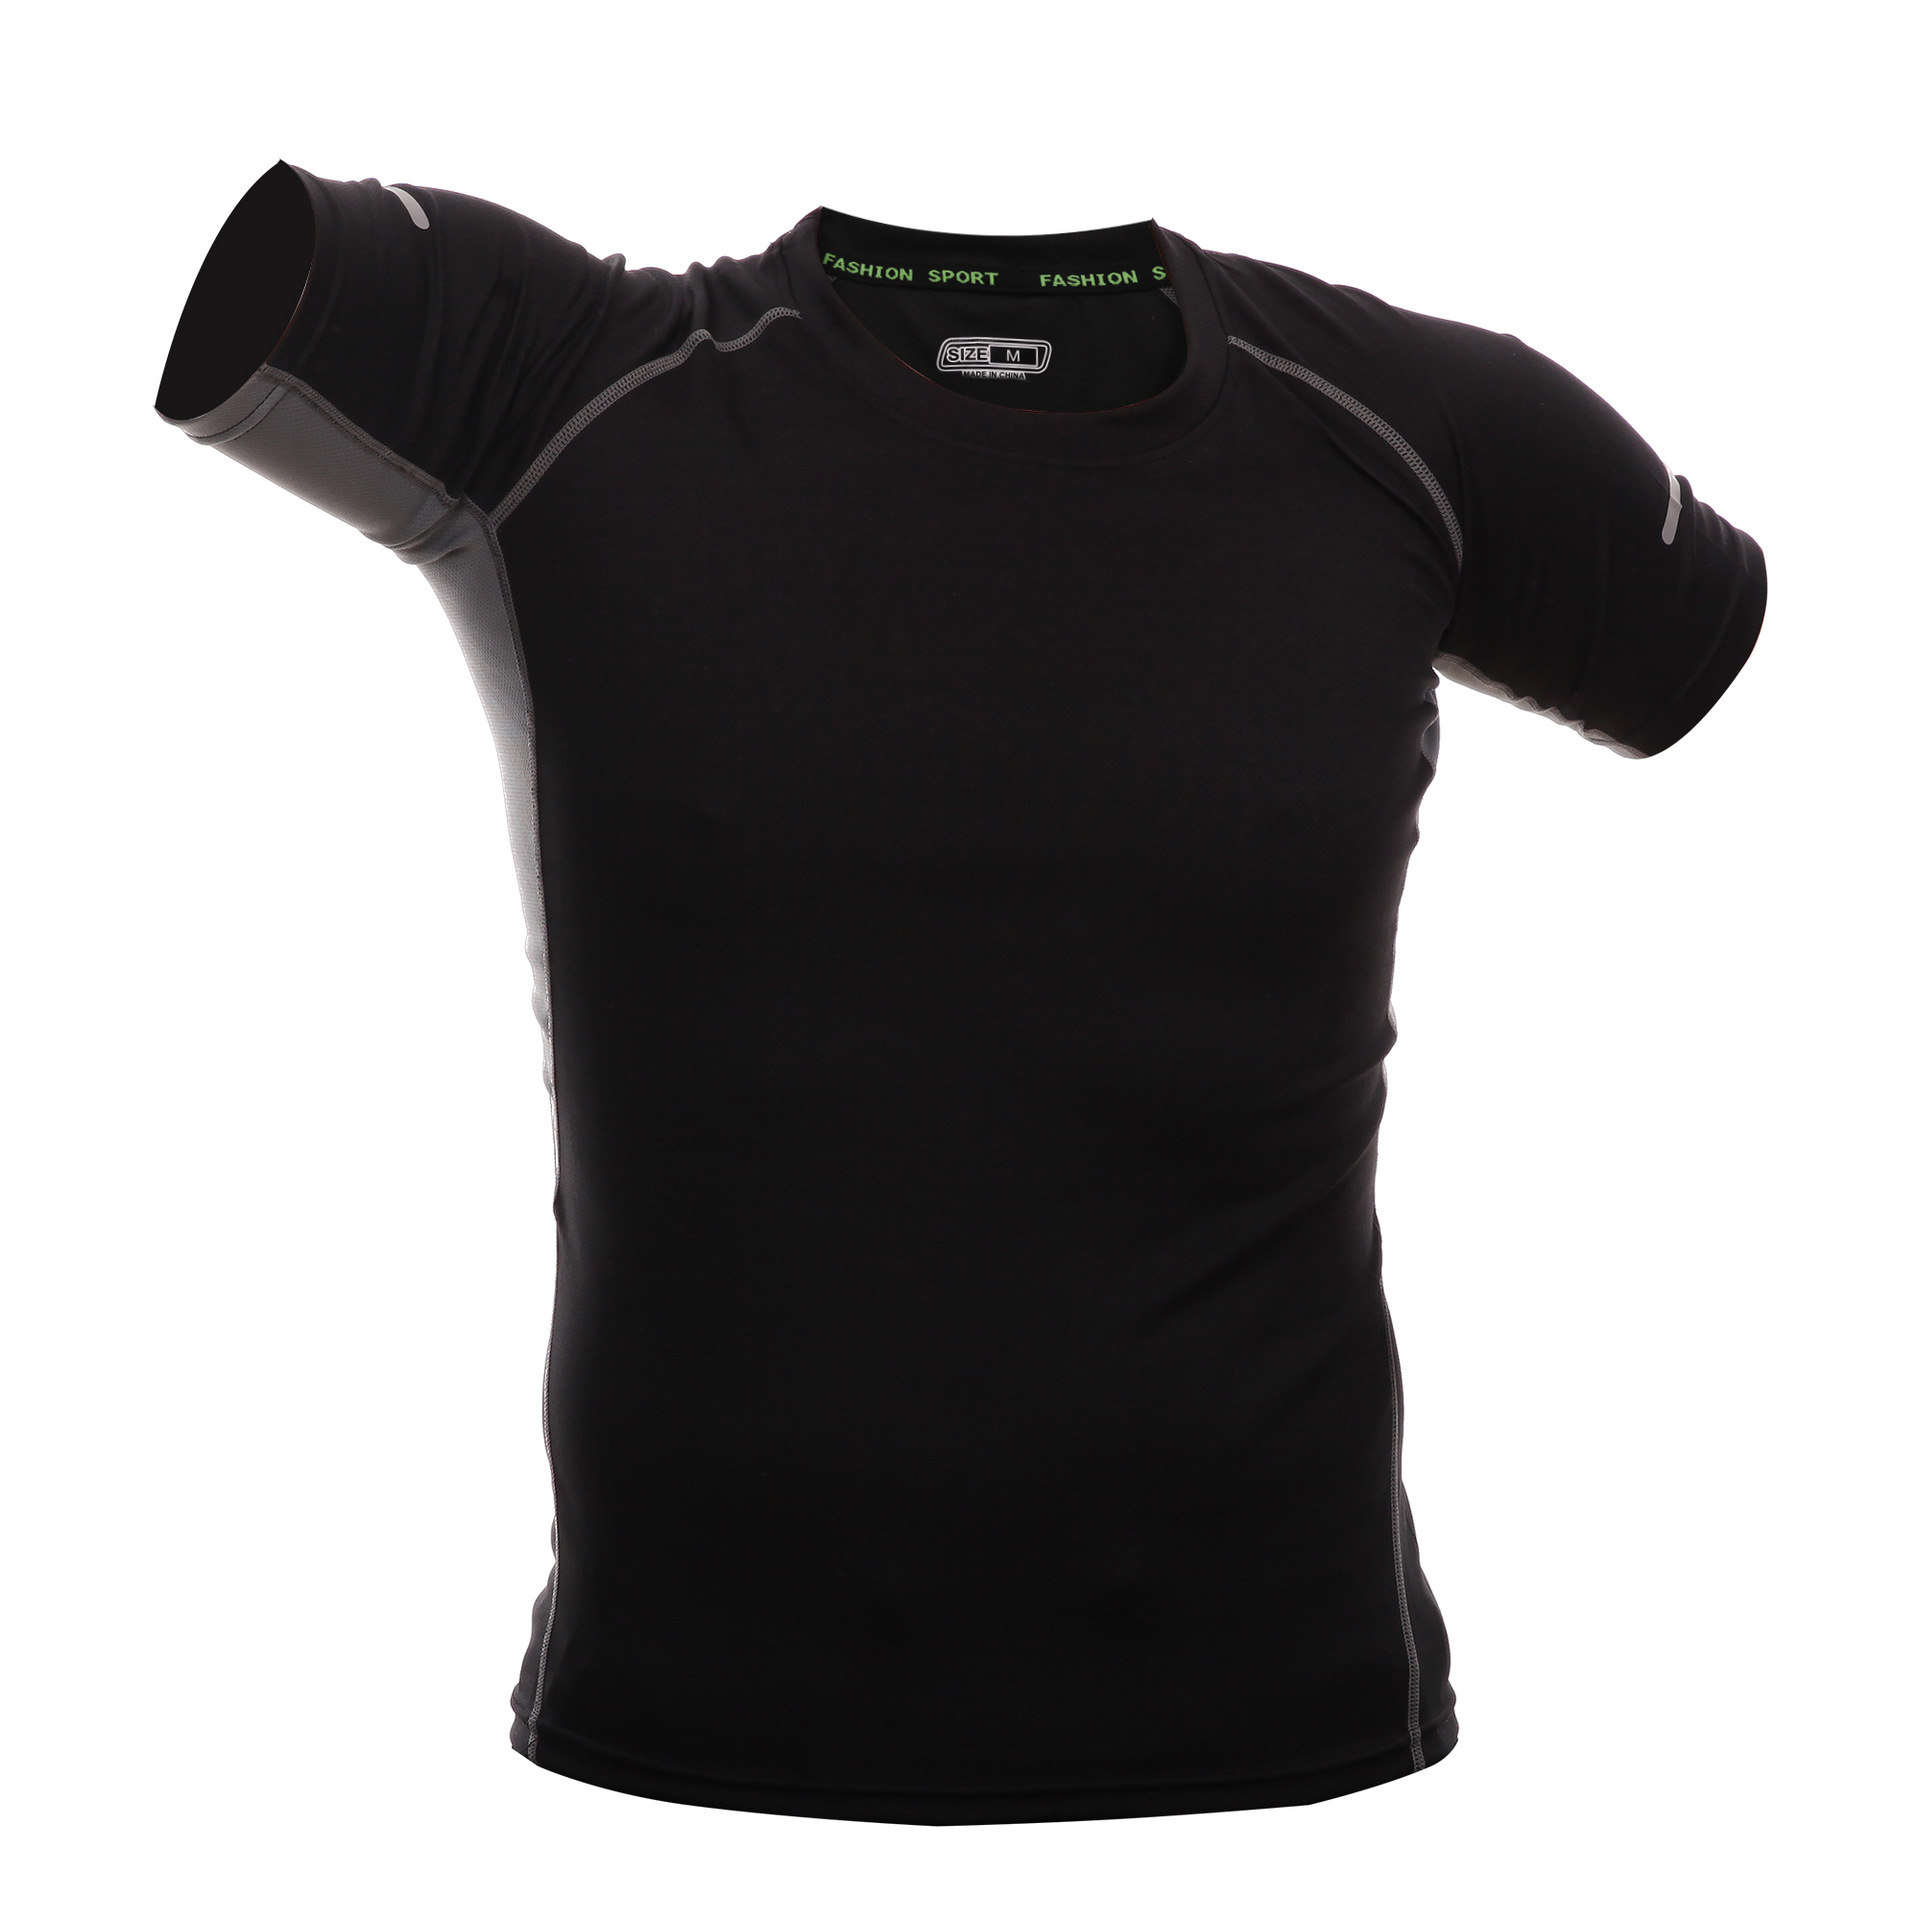 Woman Clothes  Tshirt Women  Graphic T Shirts  Tshirt  Microfiber  Spandex  Short  Broadcloth  Solid